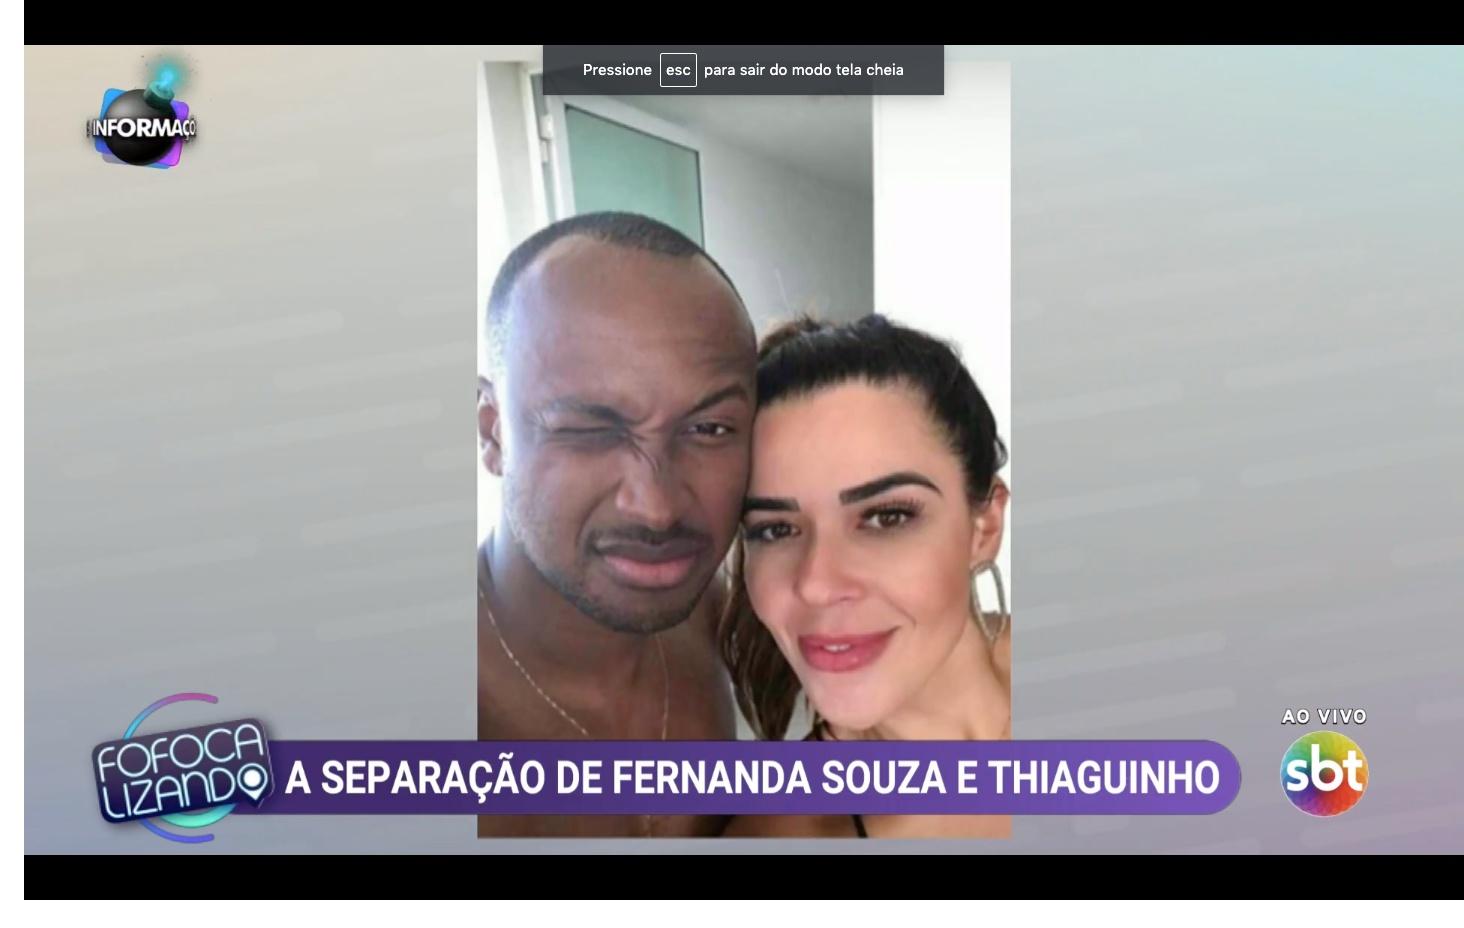 Thiaguinho surge com morena misteriosa, apontada como pivô da separação de Fernanda Souza. Foto: Fofocalizando